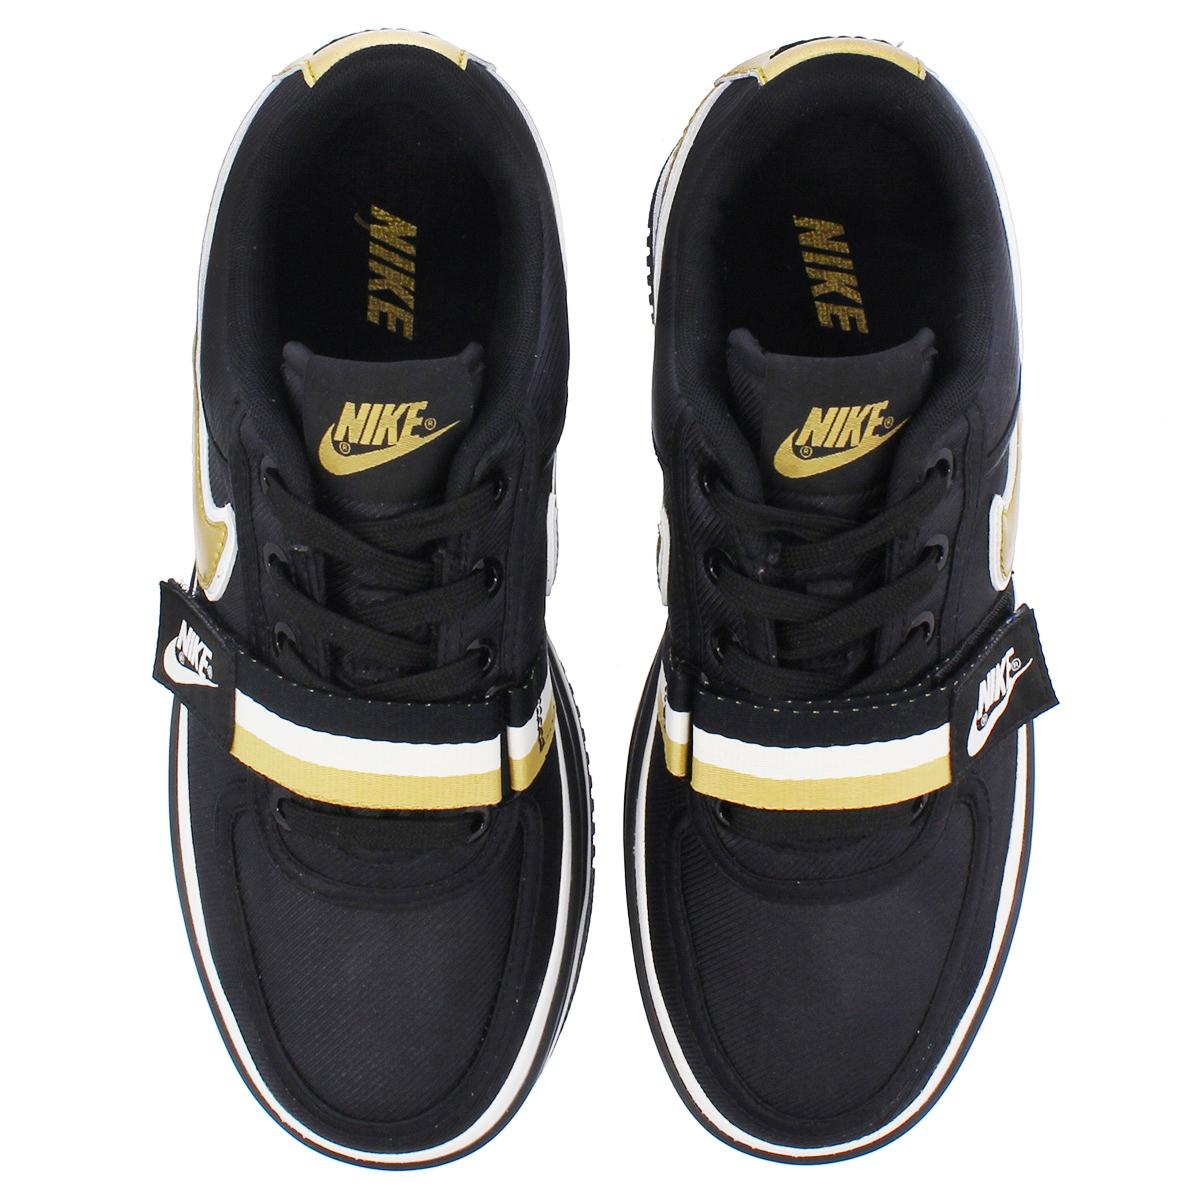 8a6c0b495d3 ... fashion 42cd9 199a0 NIKE WMNS VANDAL 2K Nike women Vandal 2K  BLACKMETALLIC GOLD ...